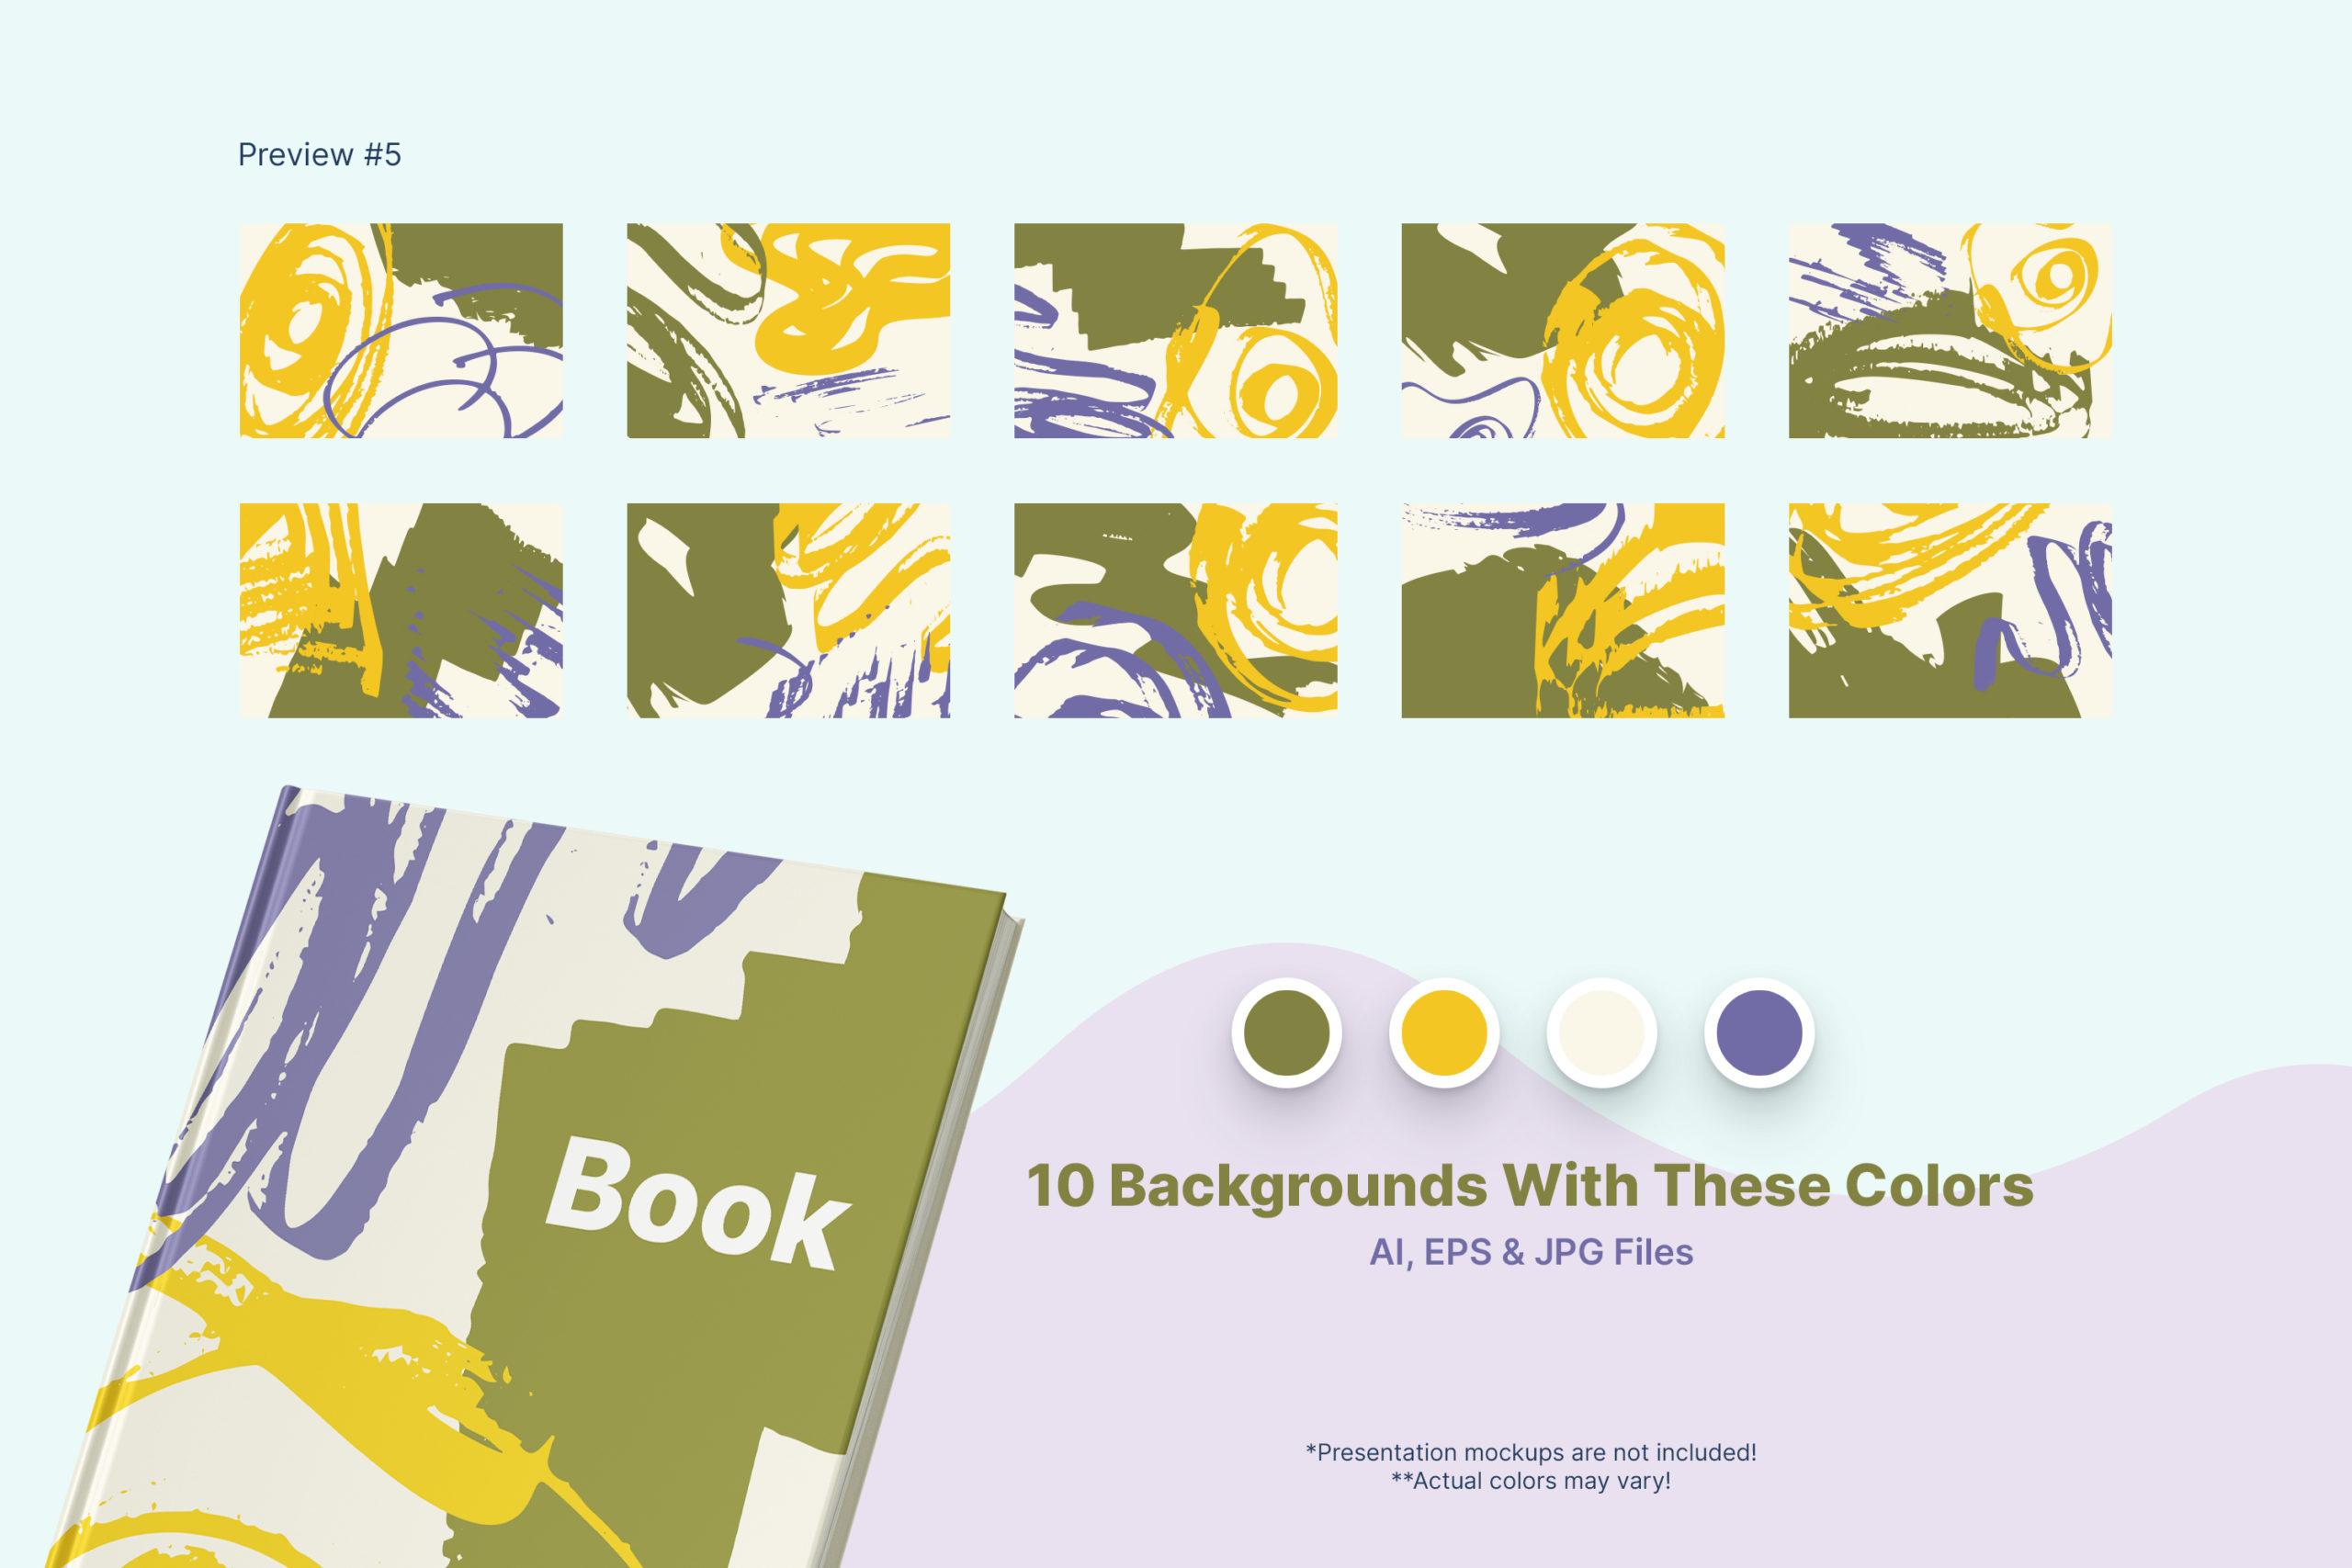 粗糙水墨毛笔笔触纹理海报设计背景图片矢量设计素材 Distressed Vector Backgrounds插图7